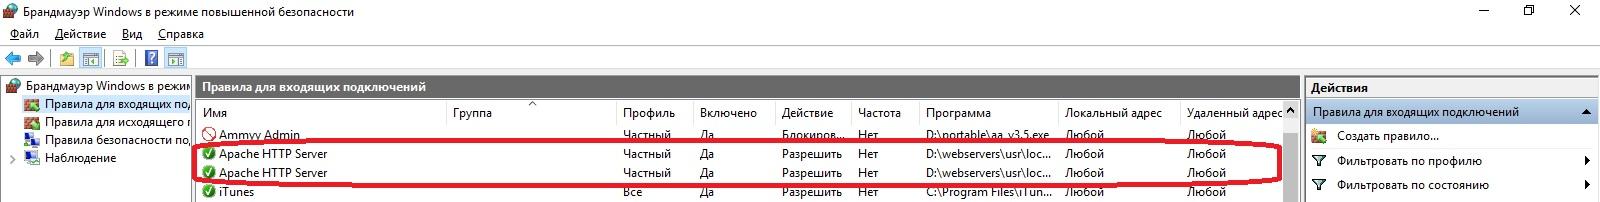 Исключение Denwer в Брандмауэре Windows